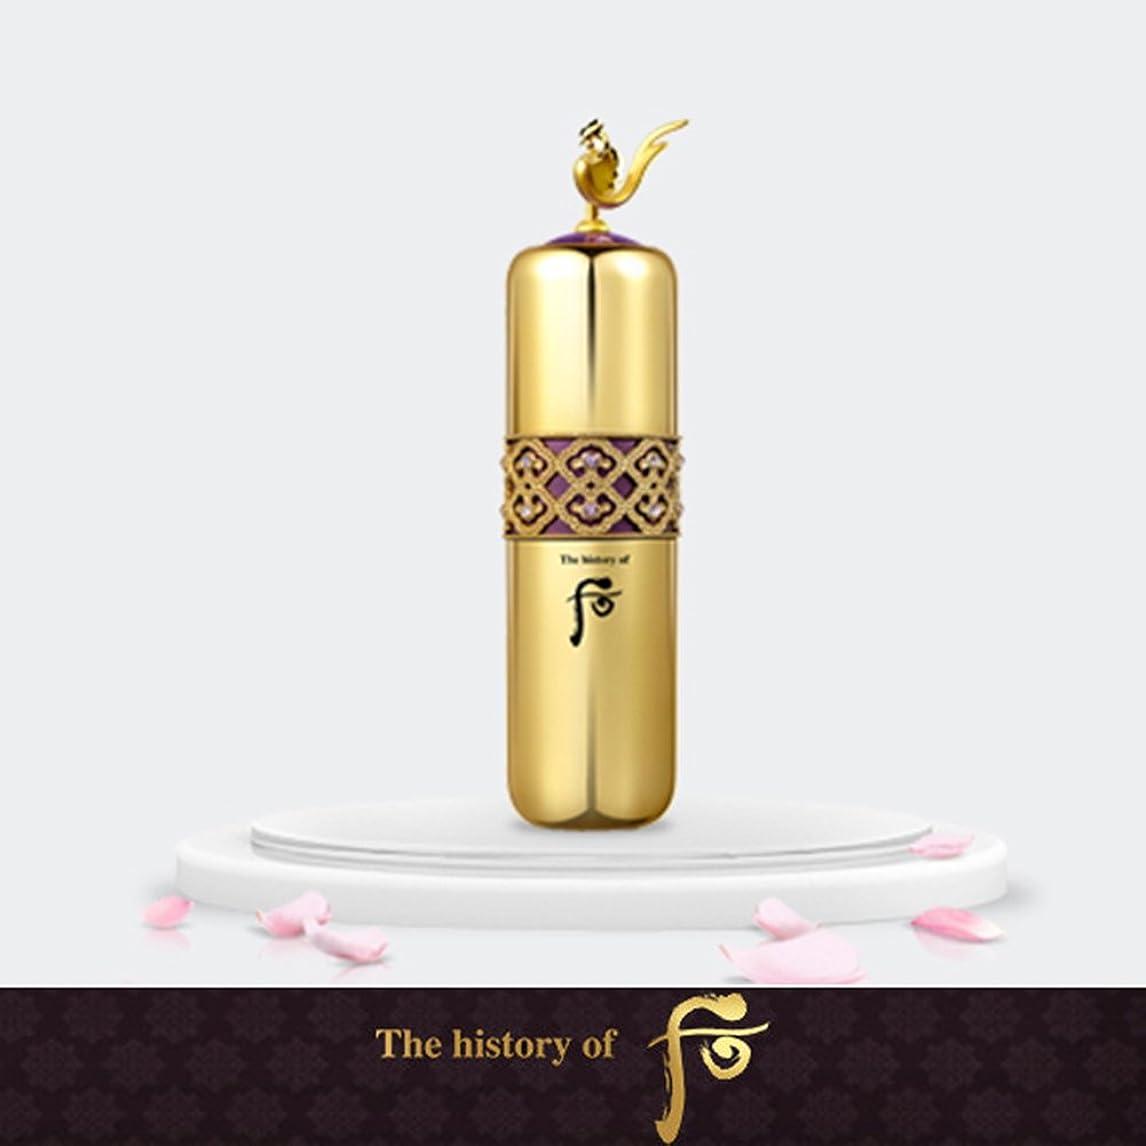 争い裸違法【フー/The history of whoo] Whoo后 Hwanyu Signature Ampoule/后(フー)よりヒストリー?オブ?後環留保額アンプル40ml+[Sample Gift](海外直送品)